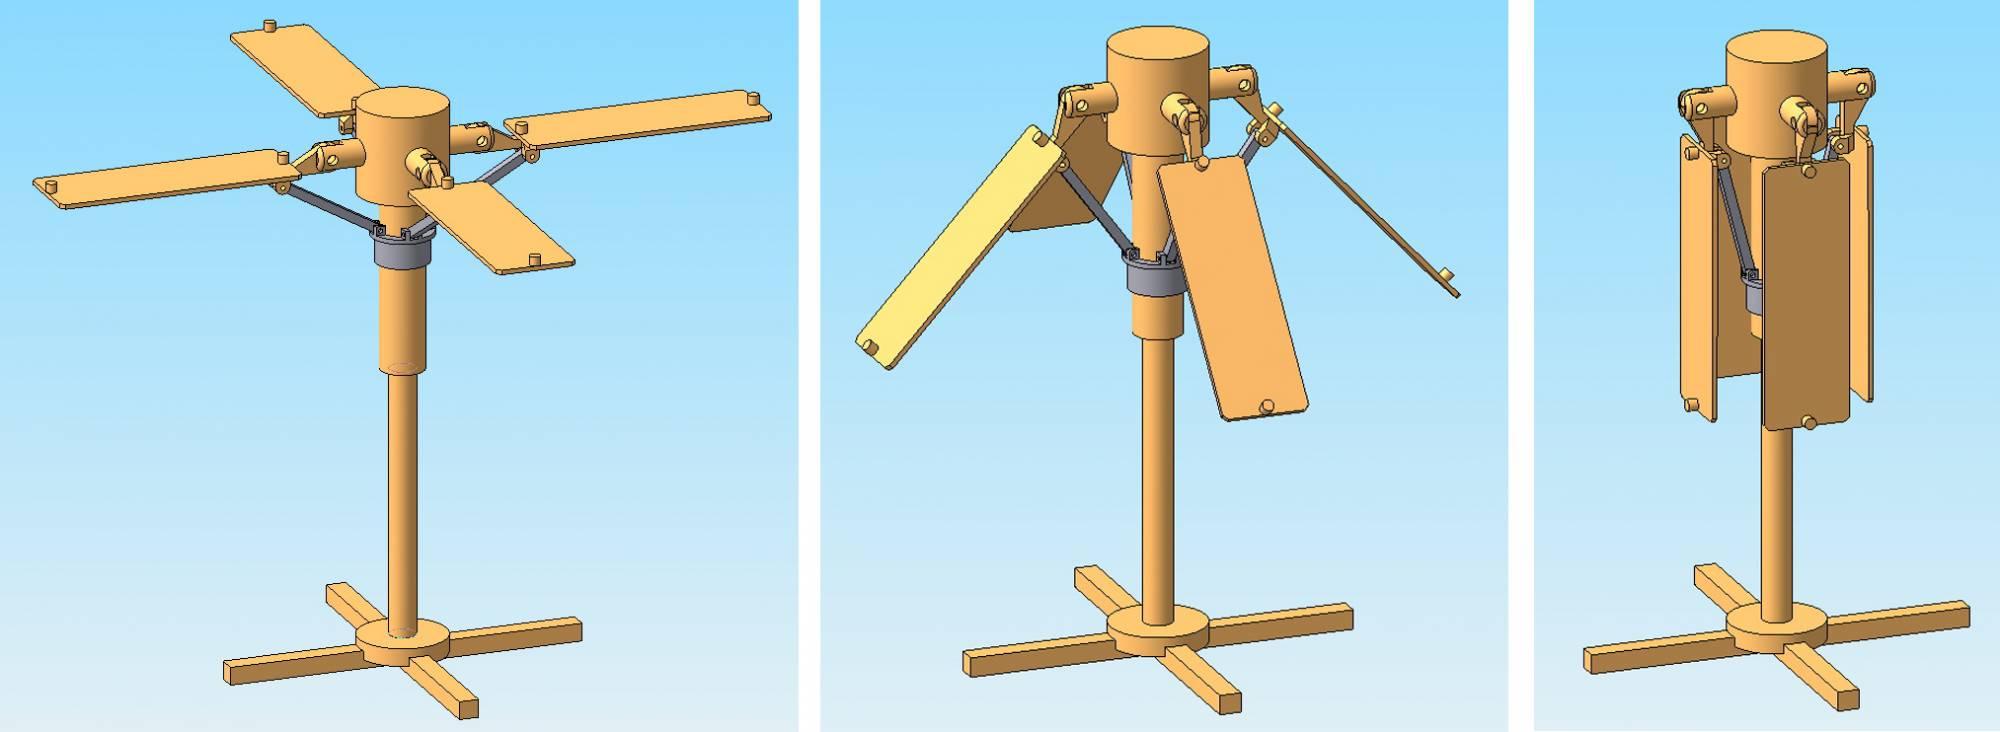 Как сделать ветрогенератор на 220В своими руками : самодельный ветряк 45